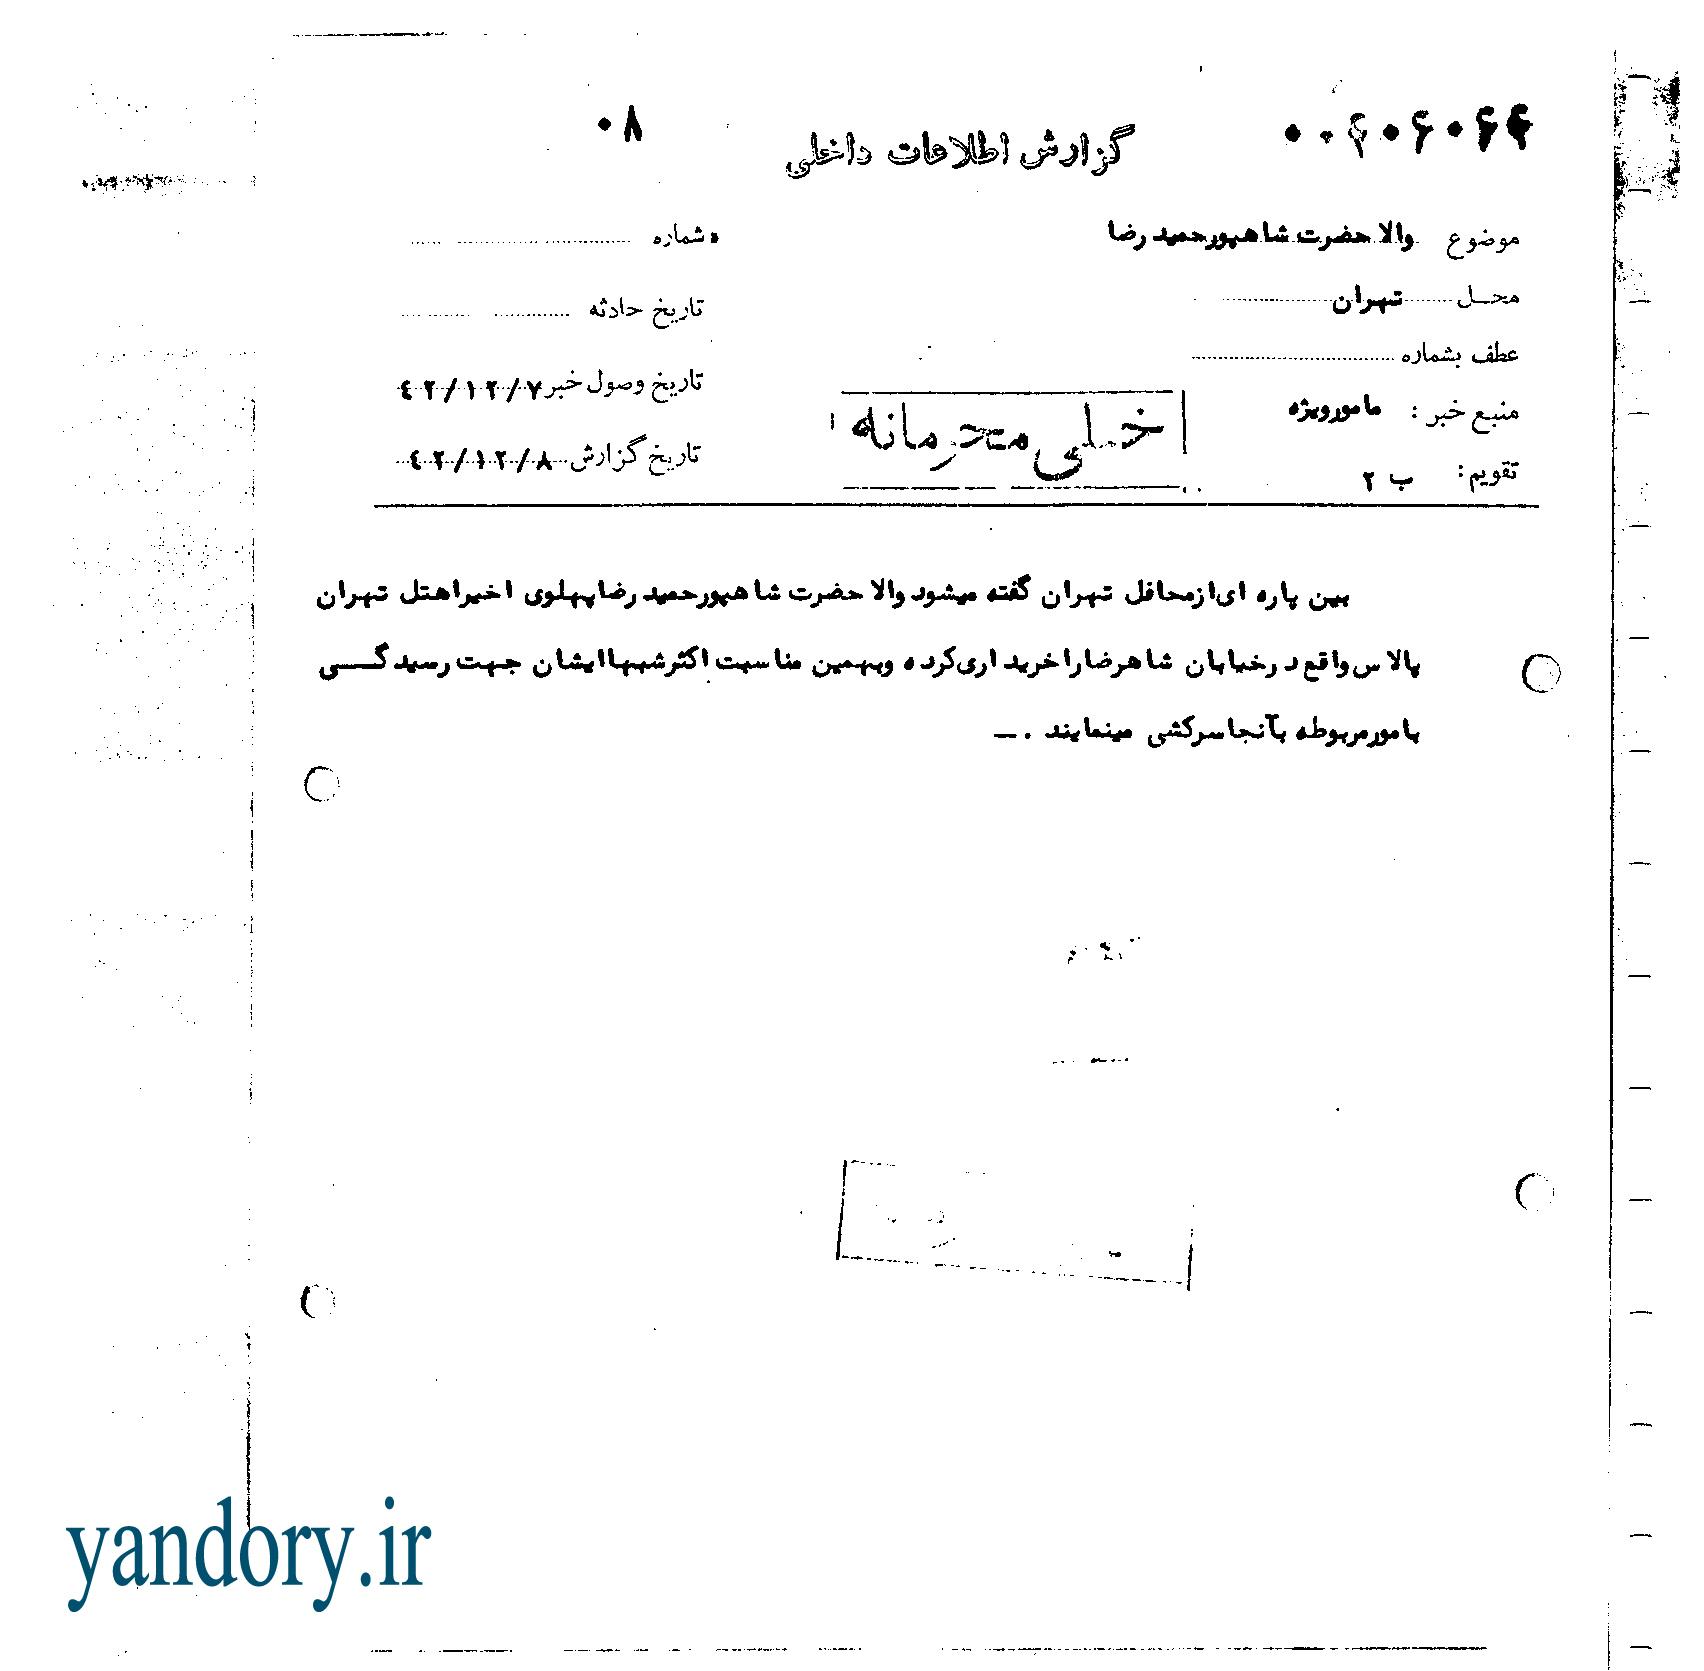 سند/خریداری هتل تهران پالاس توسط شاهپور حمیدرضا پهلوی